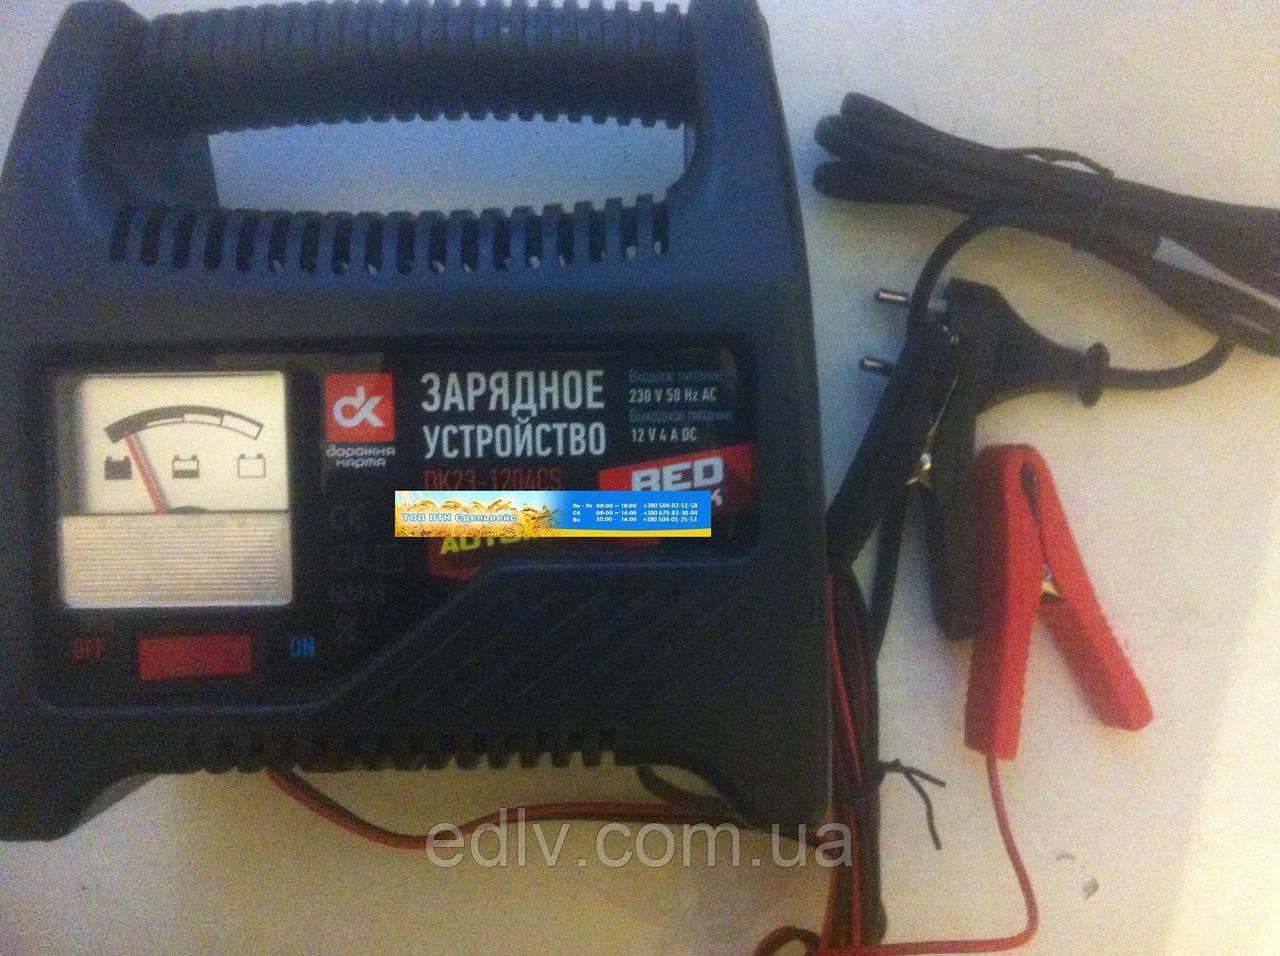 Зарядное устройство, 4Amp 12V, аналоговый индикатор зарядки, <ДК>  DK23-1204CS